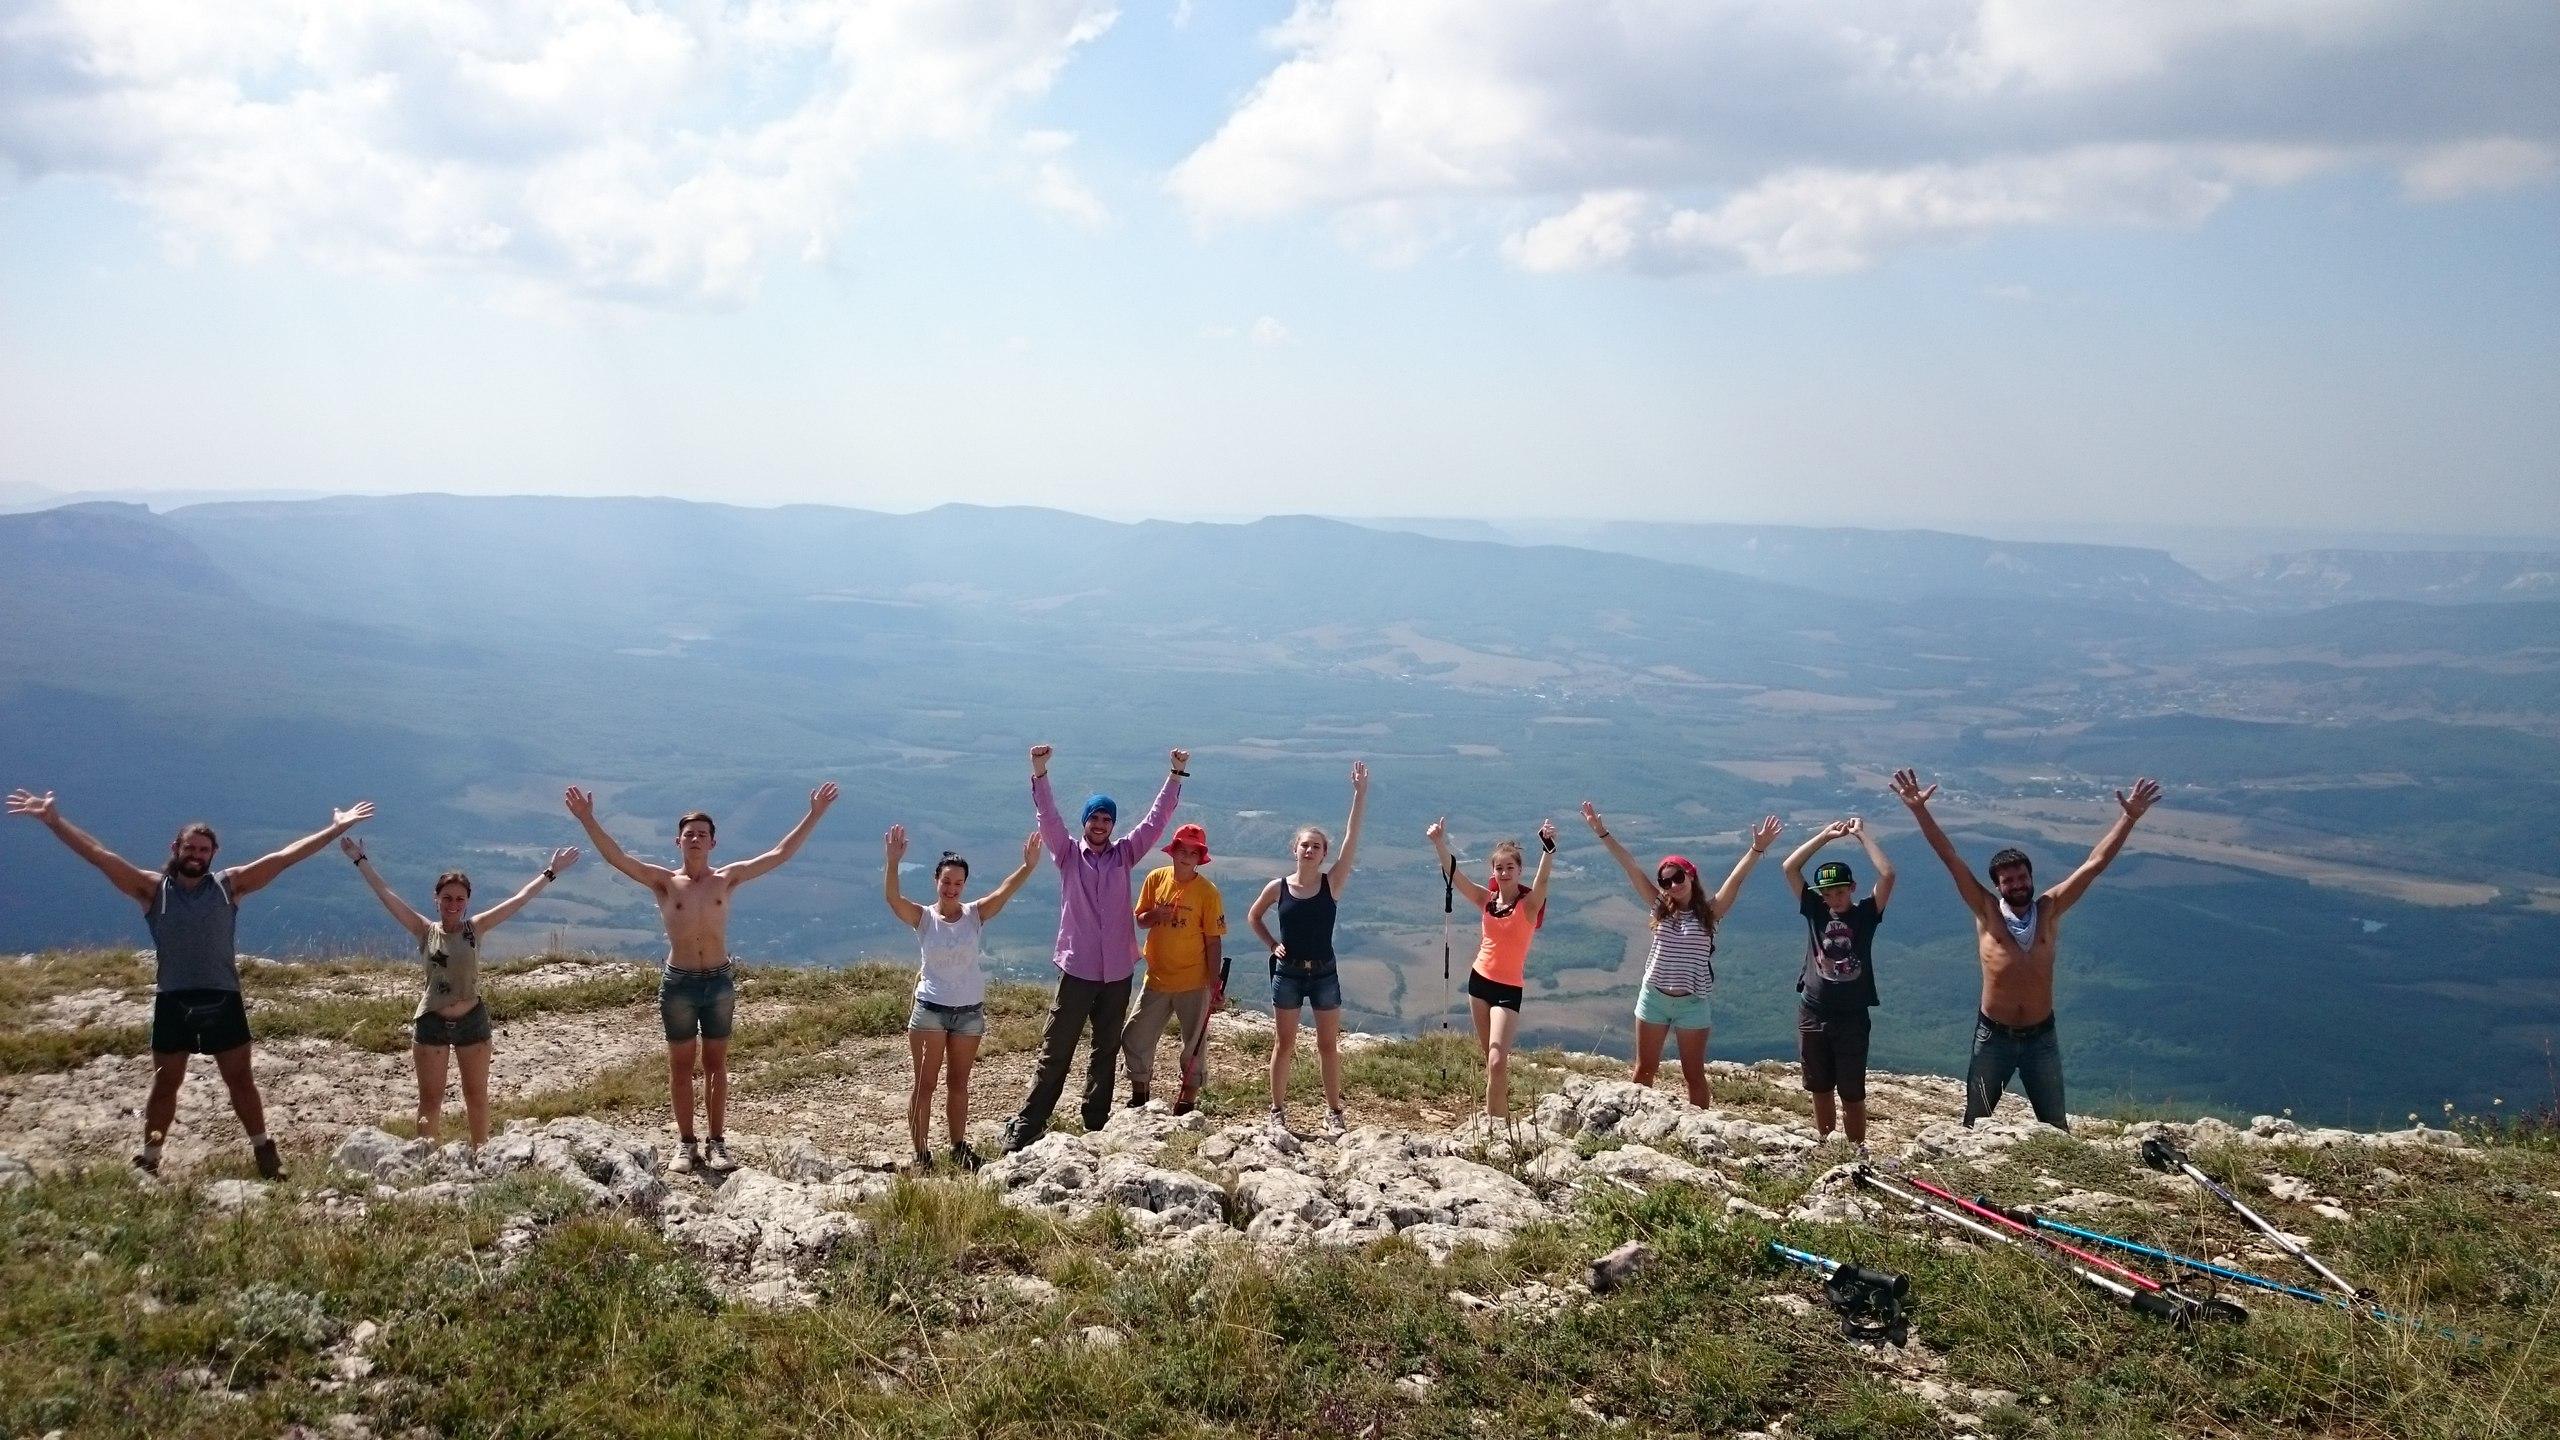 Топ-5 интересных фактов из мира туризма